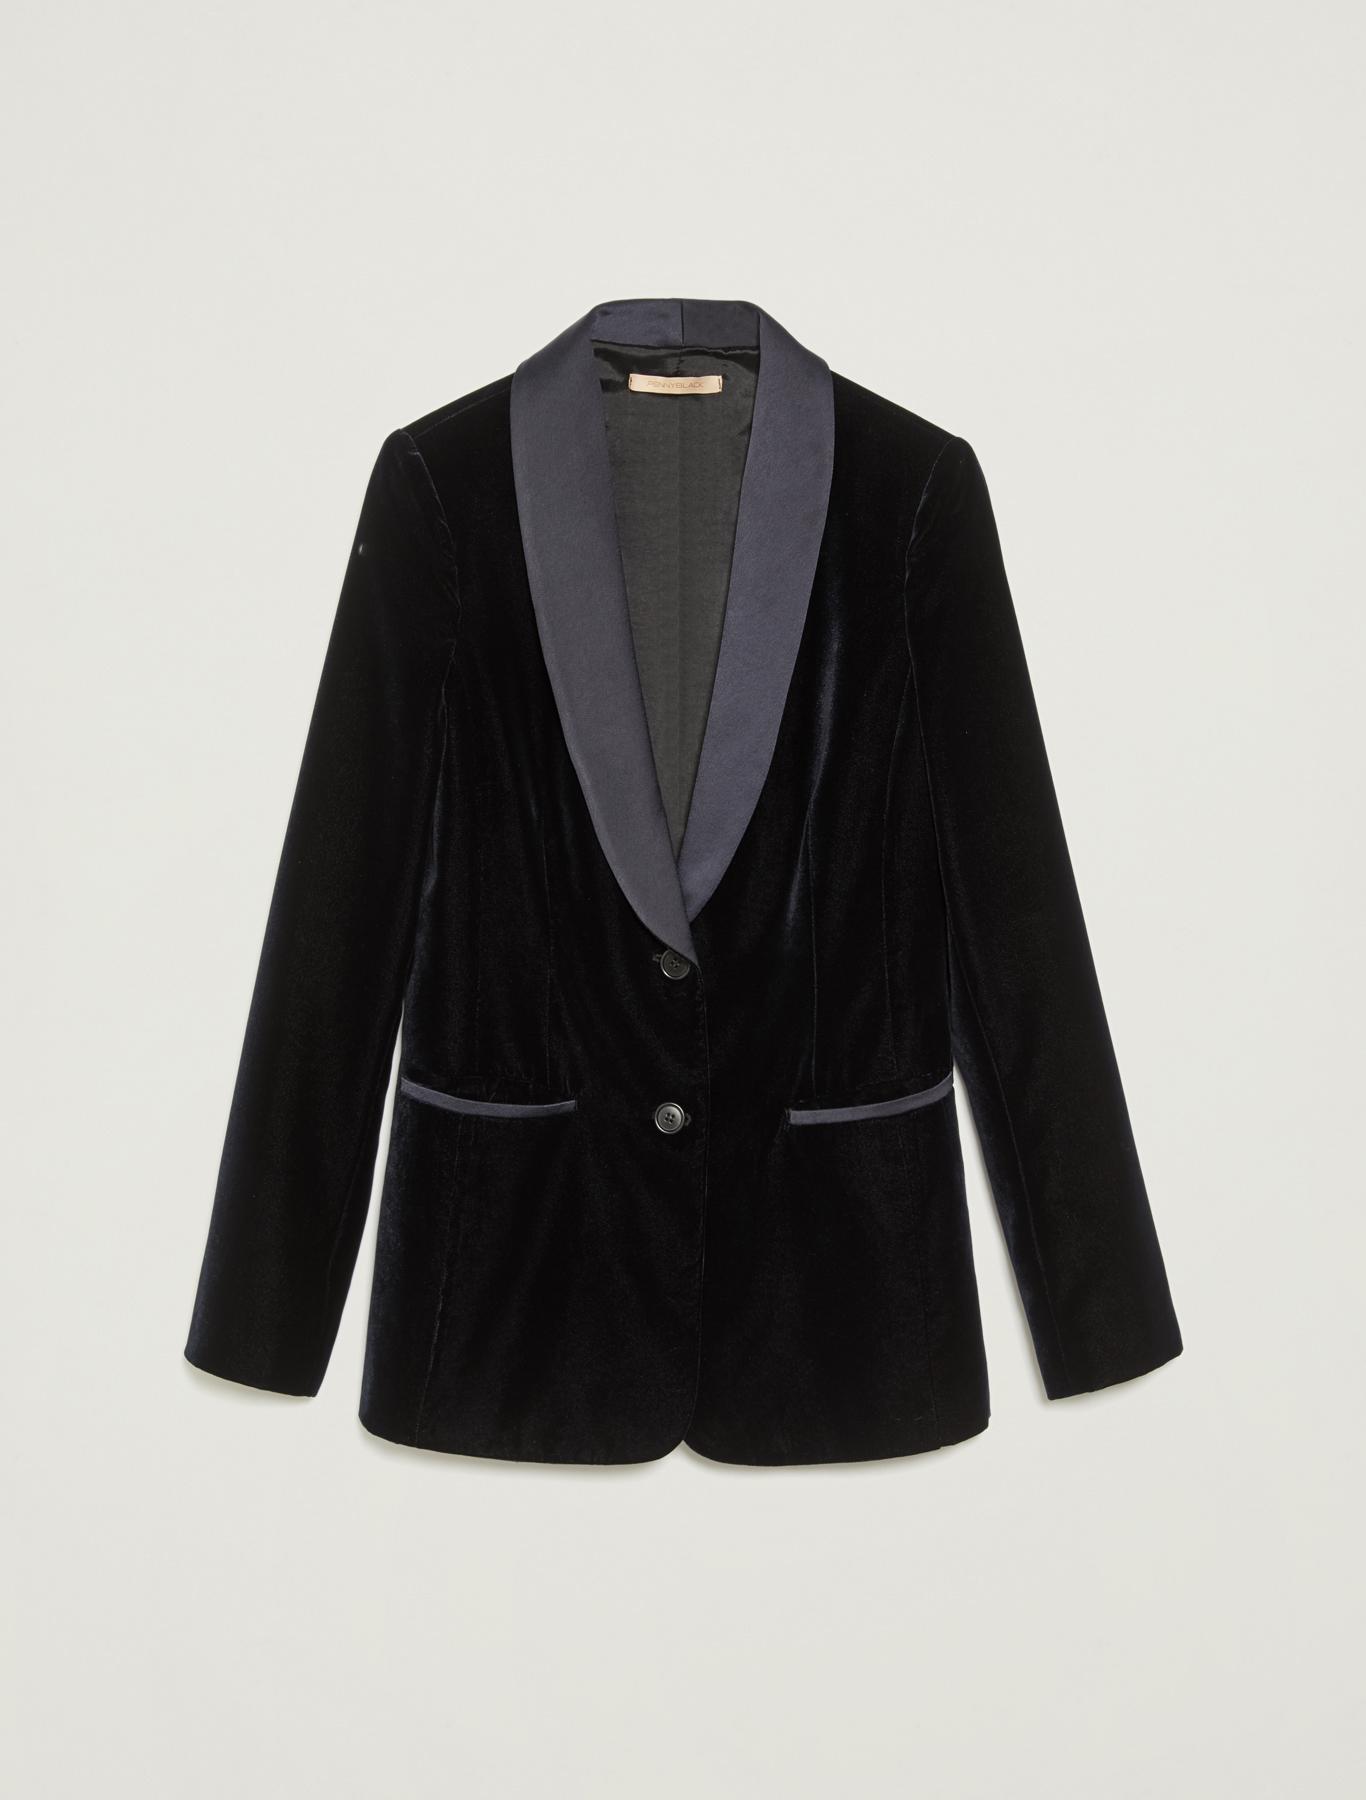 Tuxedo blazer in velvet and satin - navy blue - pennyblack